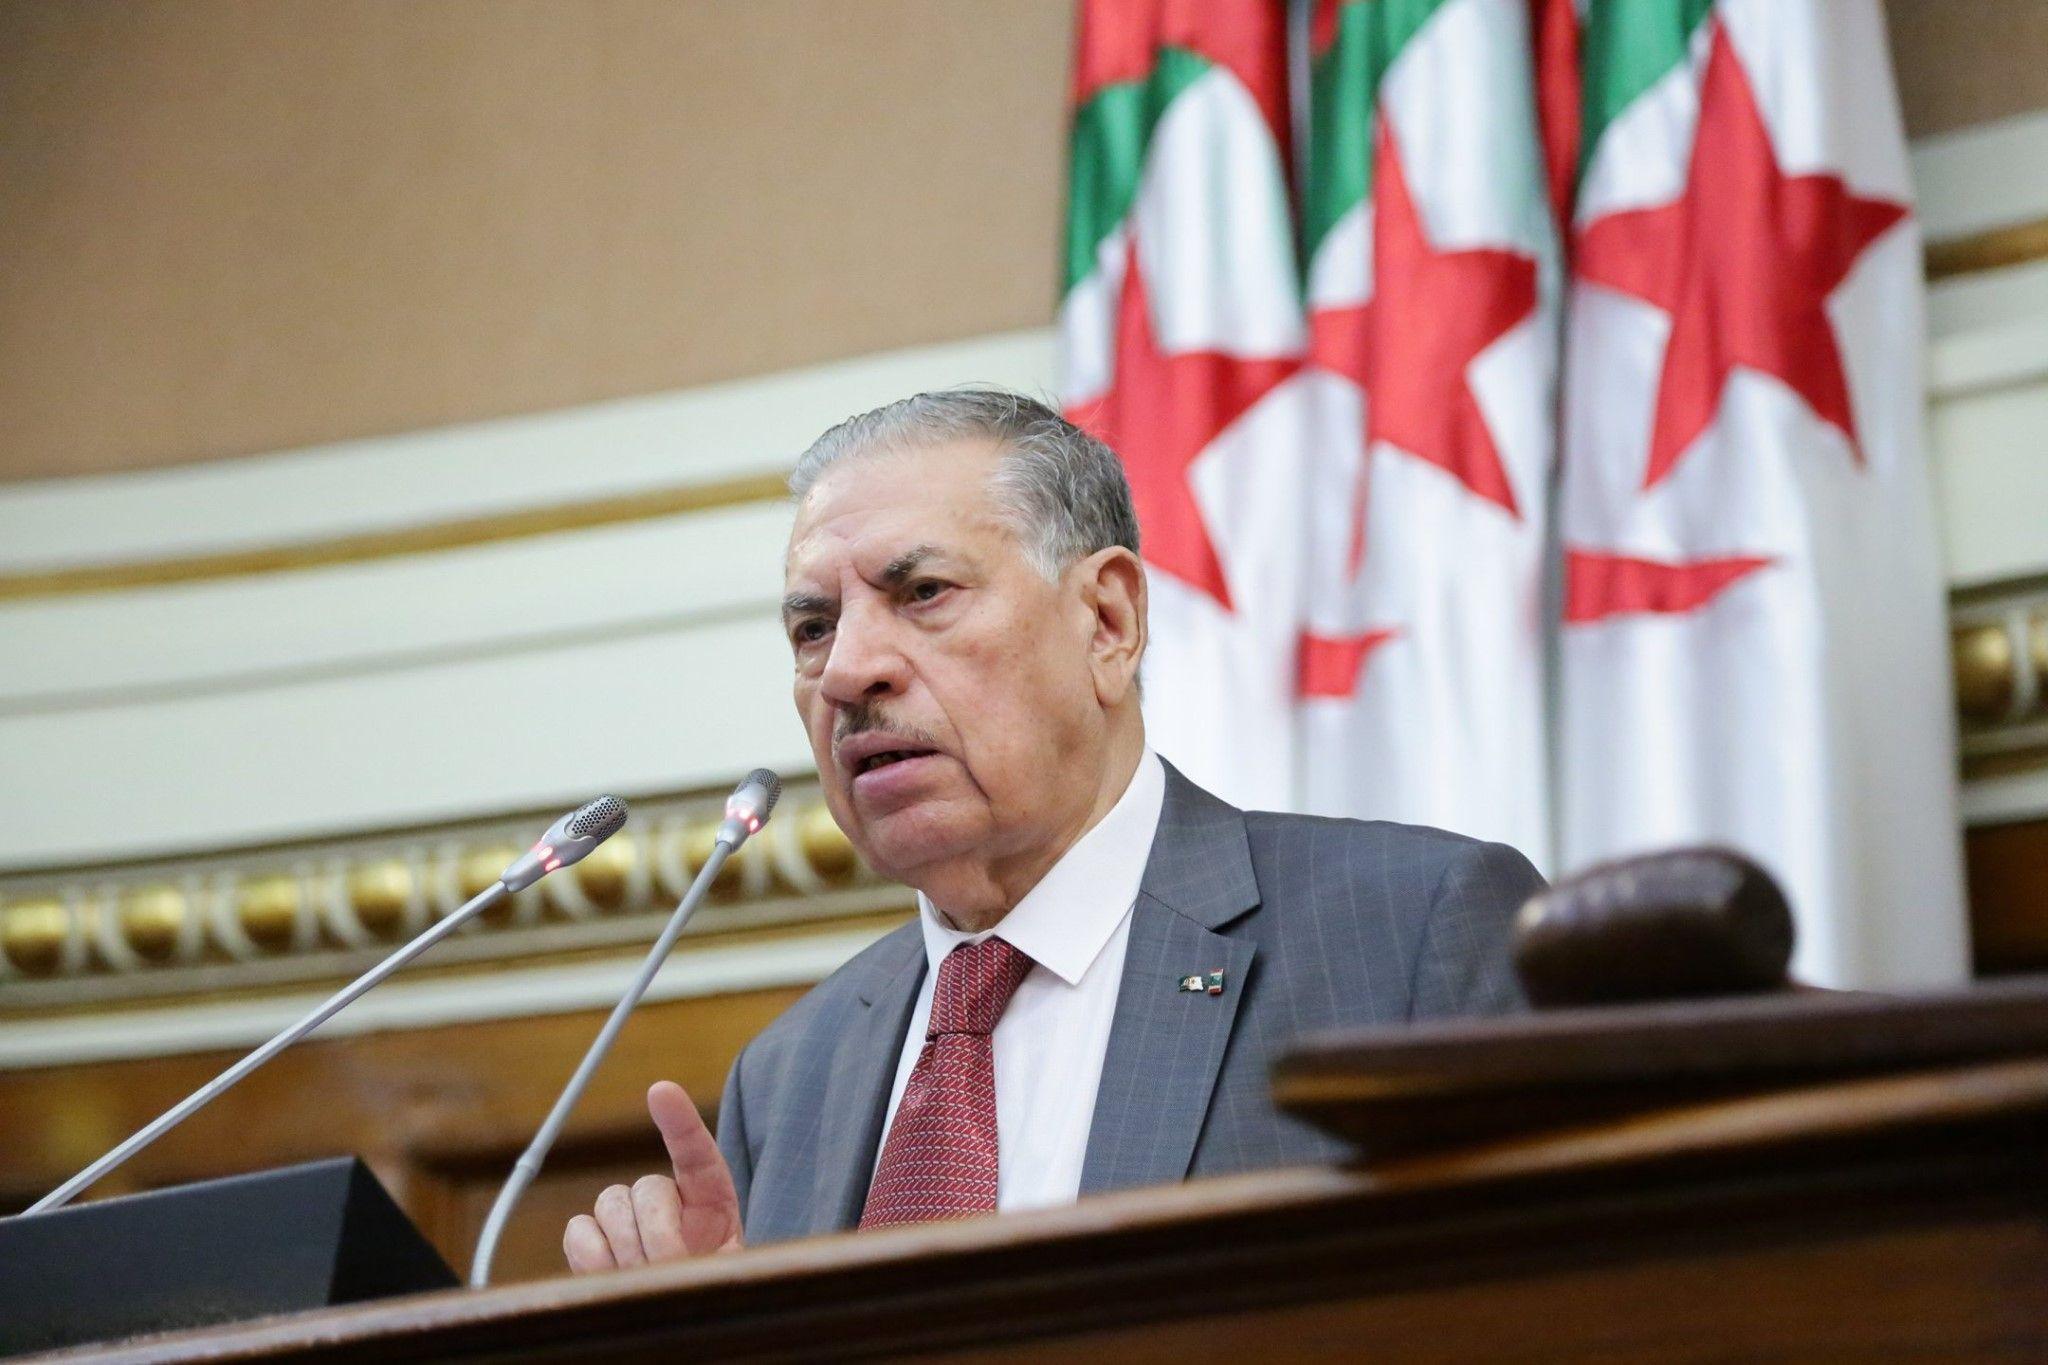 قوجيل: الجزائر مستعدة لإحباط مخططات وأطماع التحالف الصهيوني المغربي